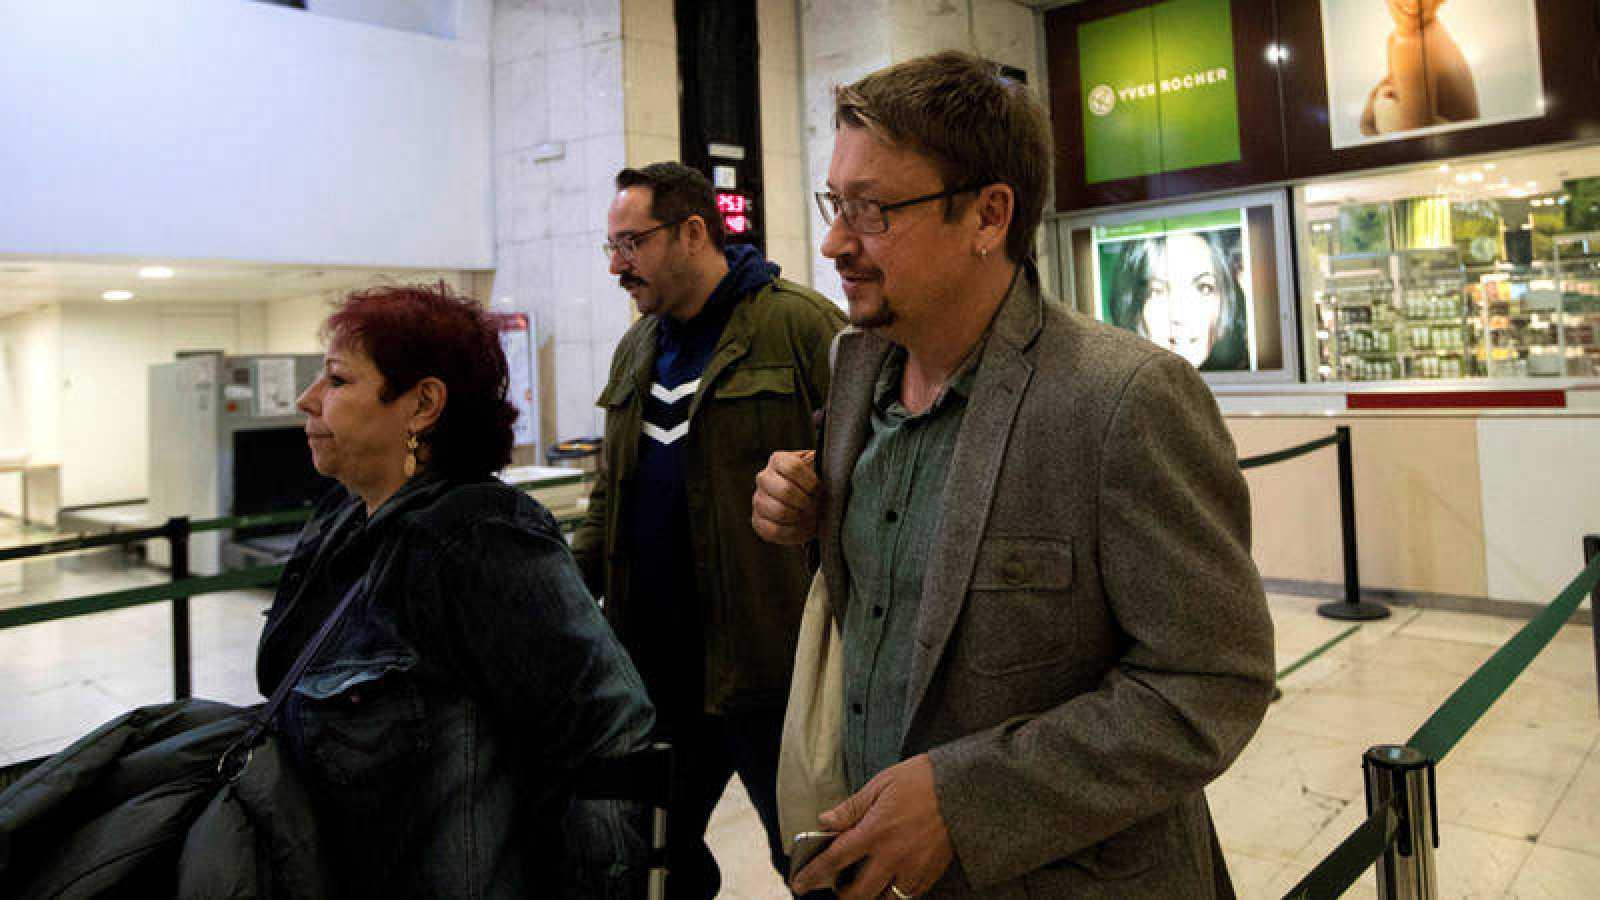 El diputado de En Comú Podem Xavier Domènech en la estación de Sants en Barcelona